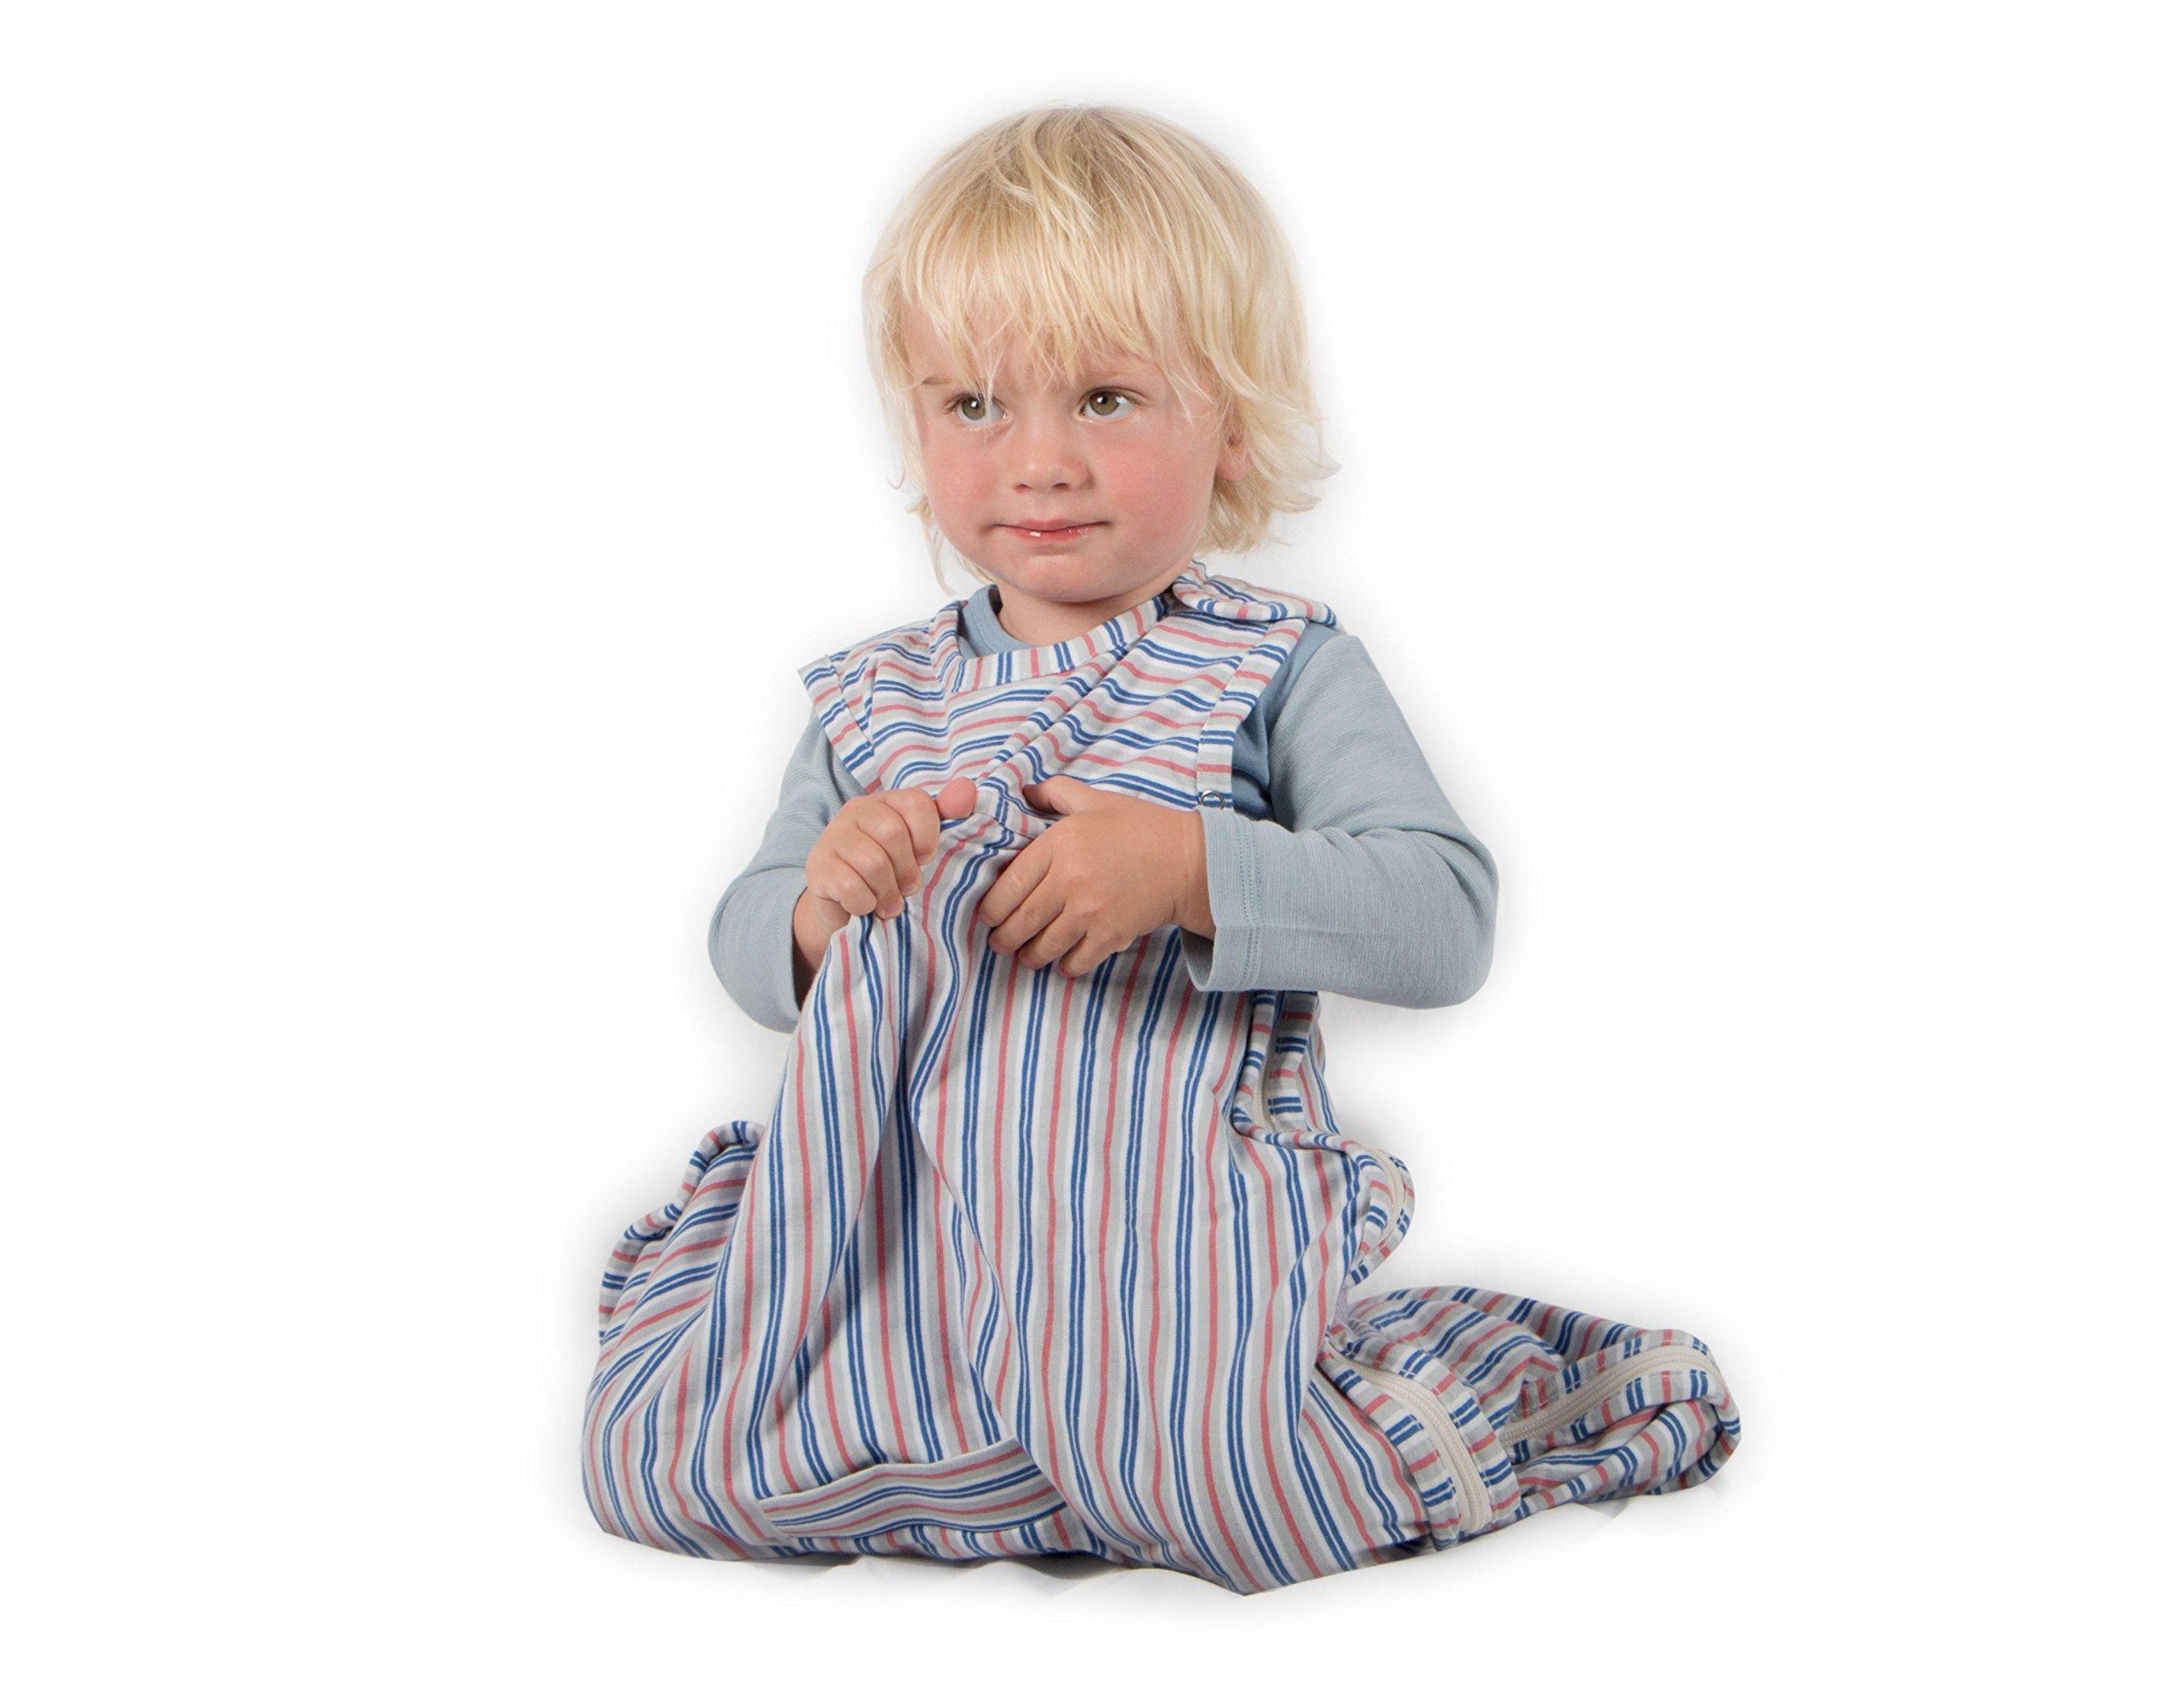 Merino Kids Organic Cotton Baby Sleep Bag for Babies 0-2 Years, Huckleberry by Merino Kids